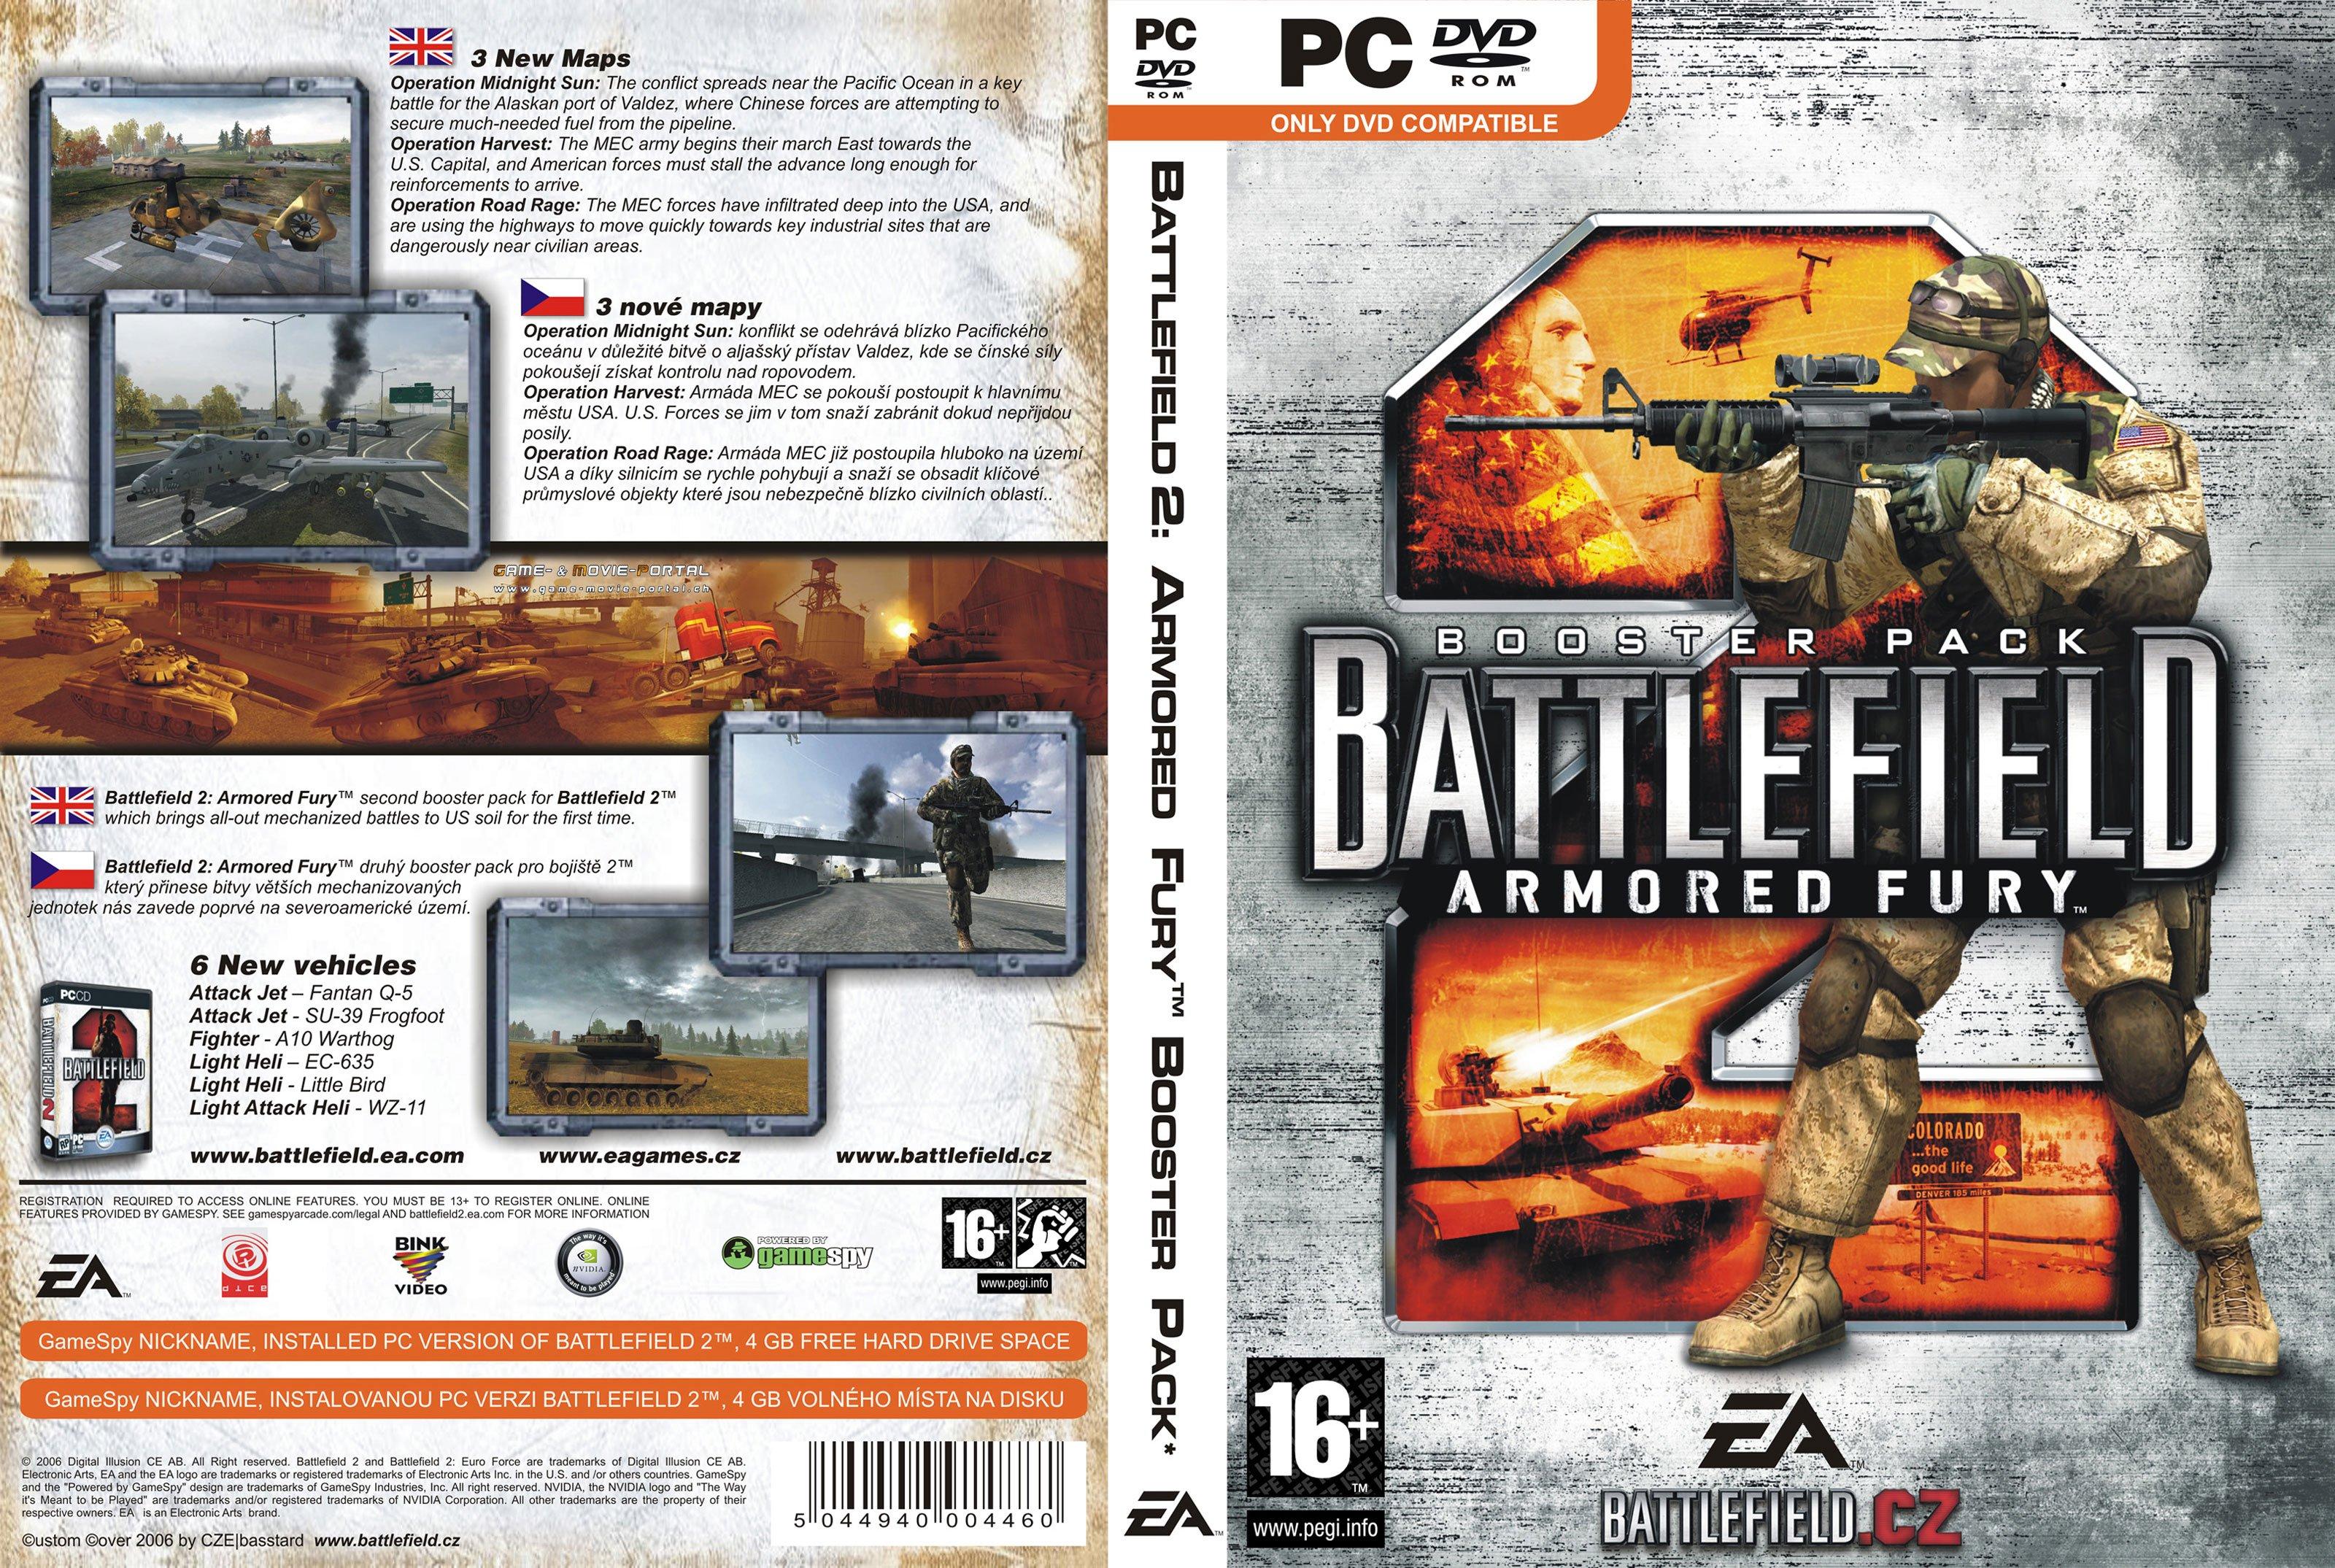 آموزش آنلاین بازی کردن Battlefield 2